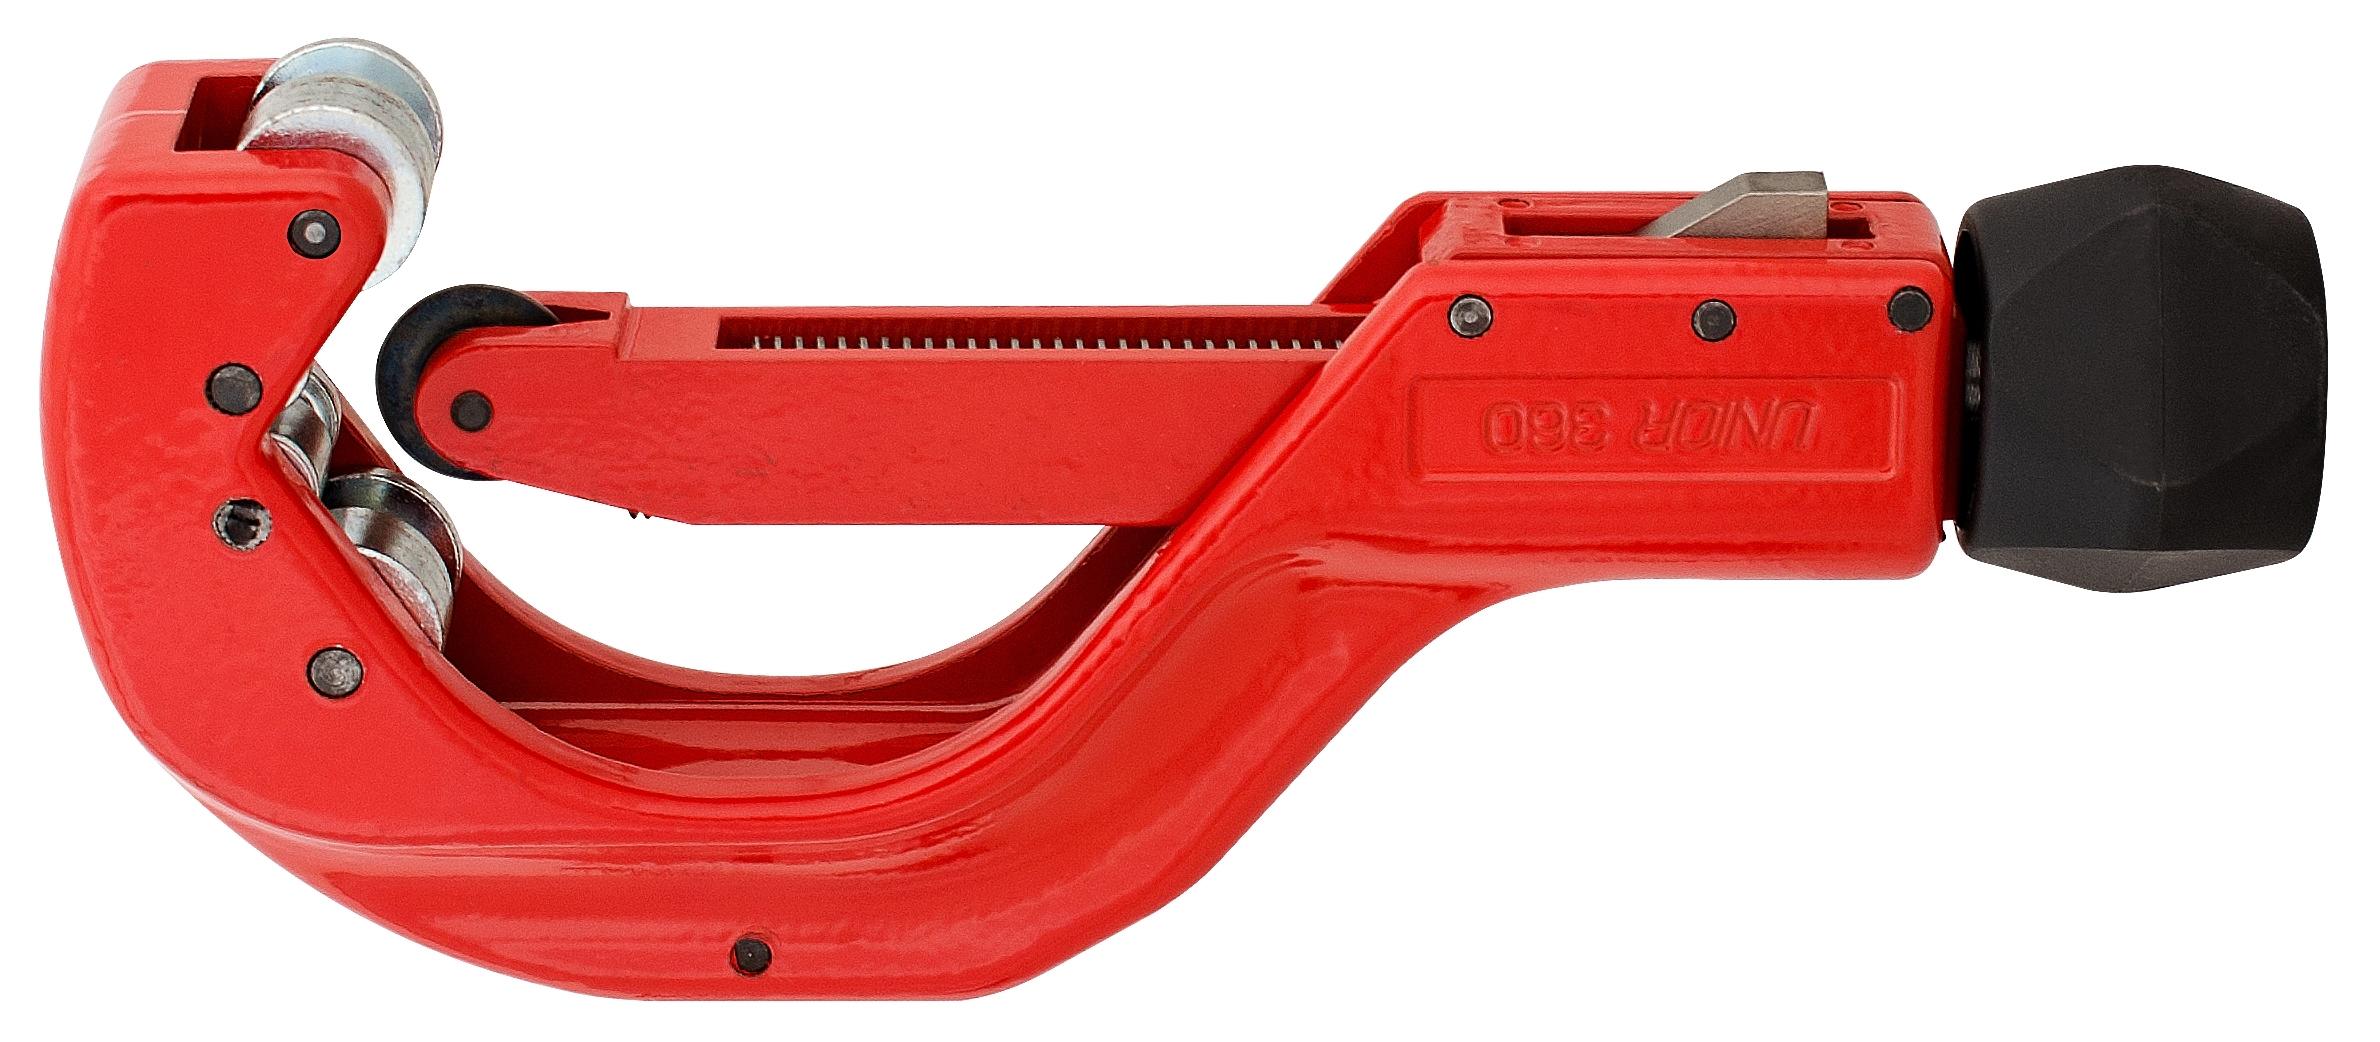 řezačka trubek UNIOR průměru 3-32mm